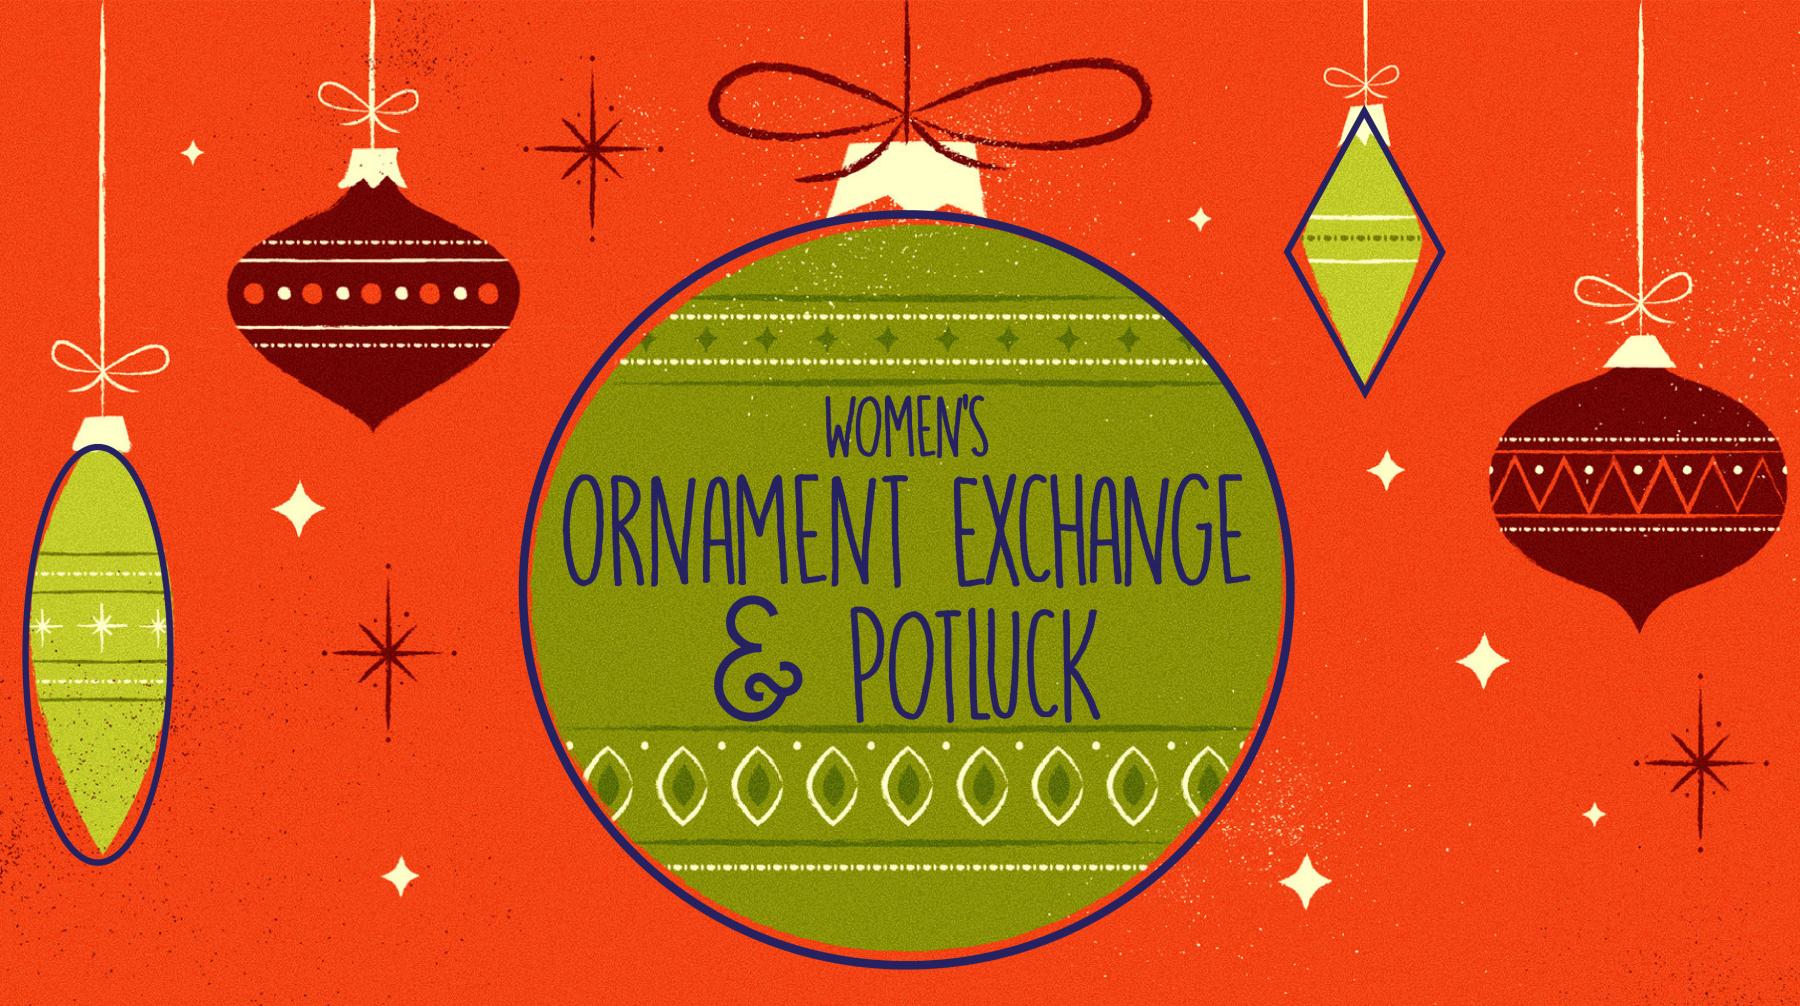 Women's Ornament Exchange & Potluck